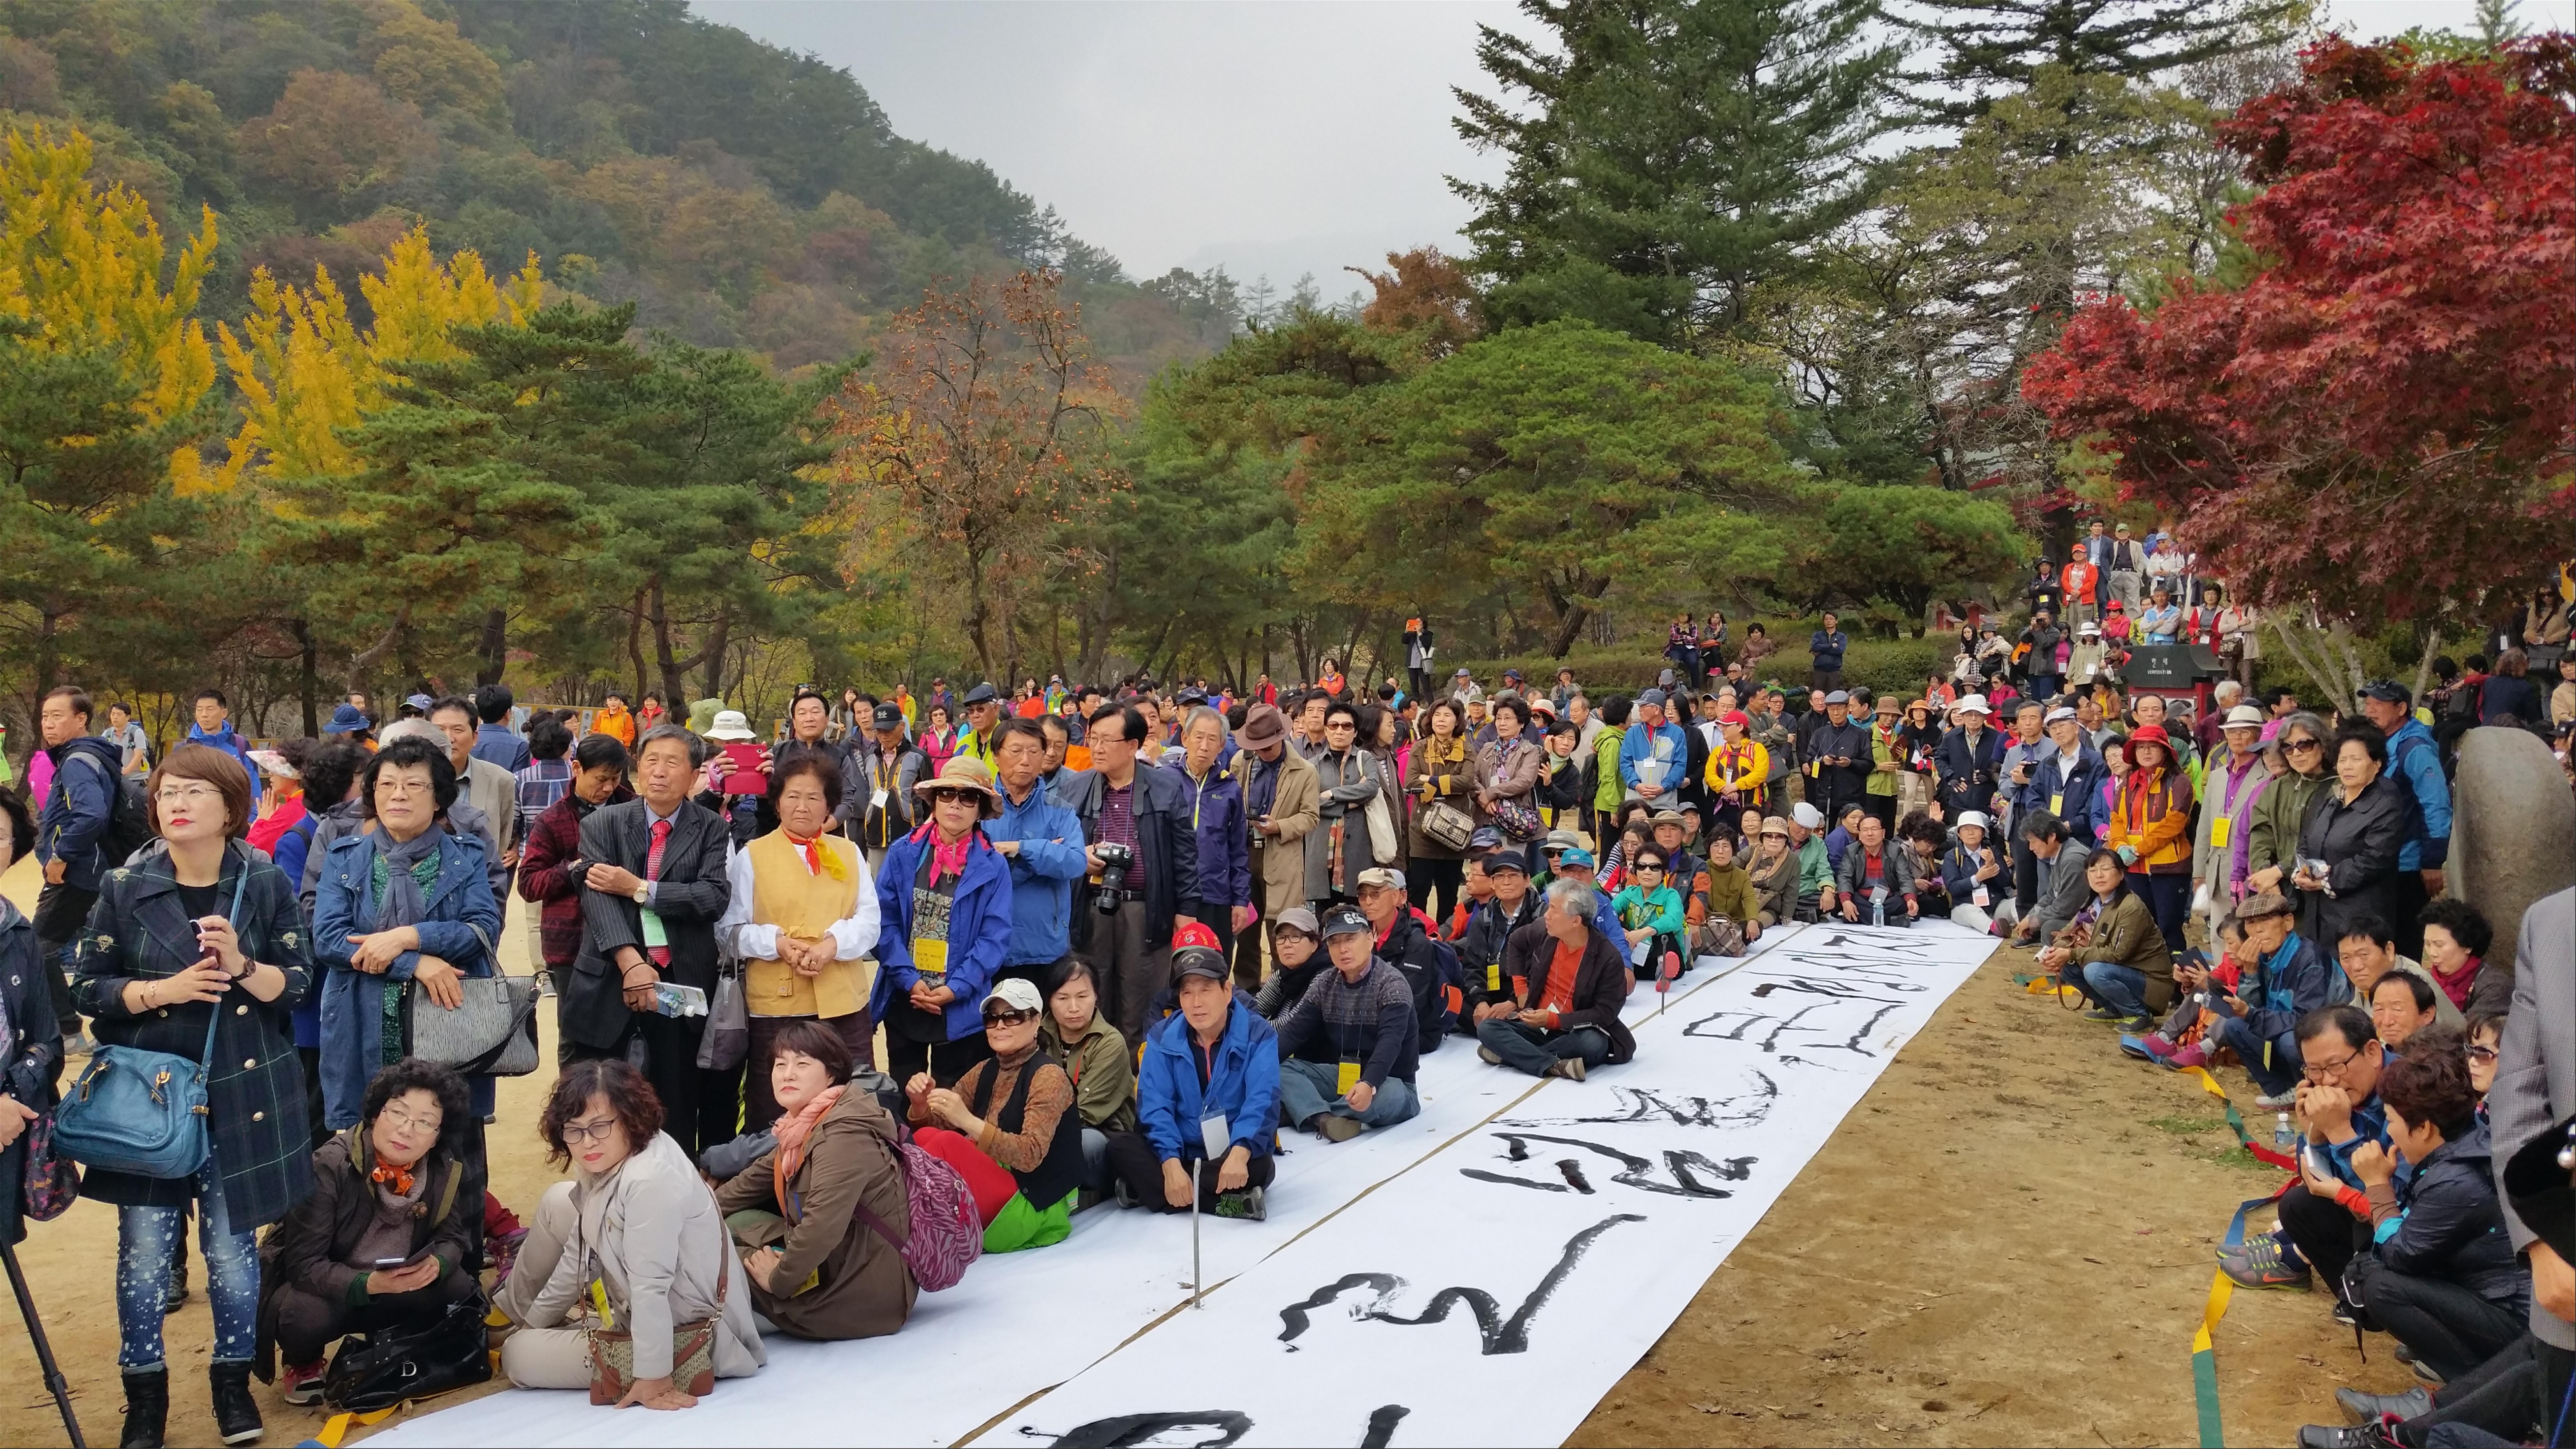 개막식에 참석한 회원.jpg